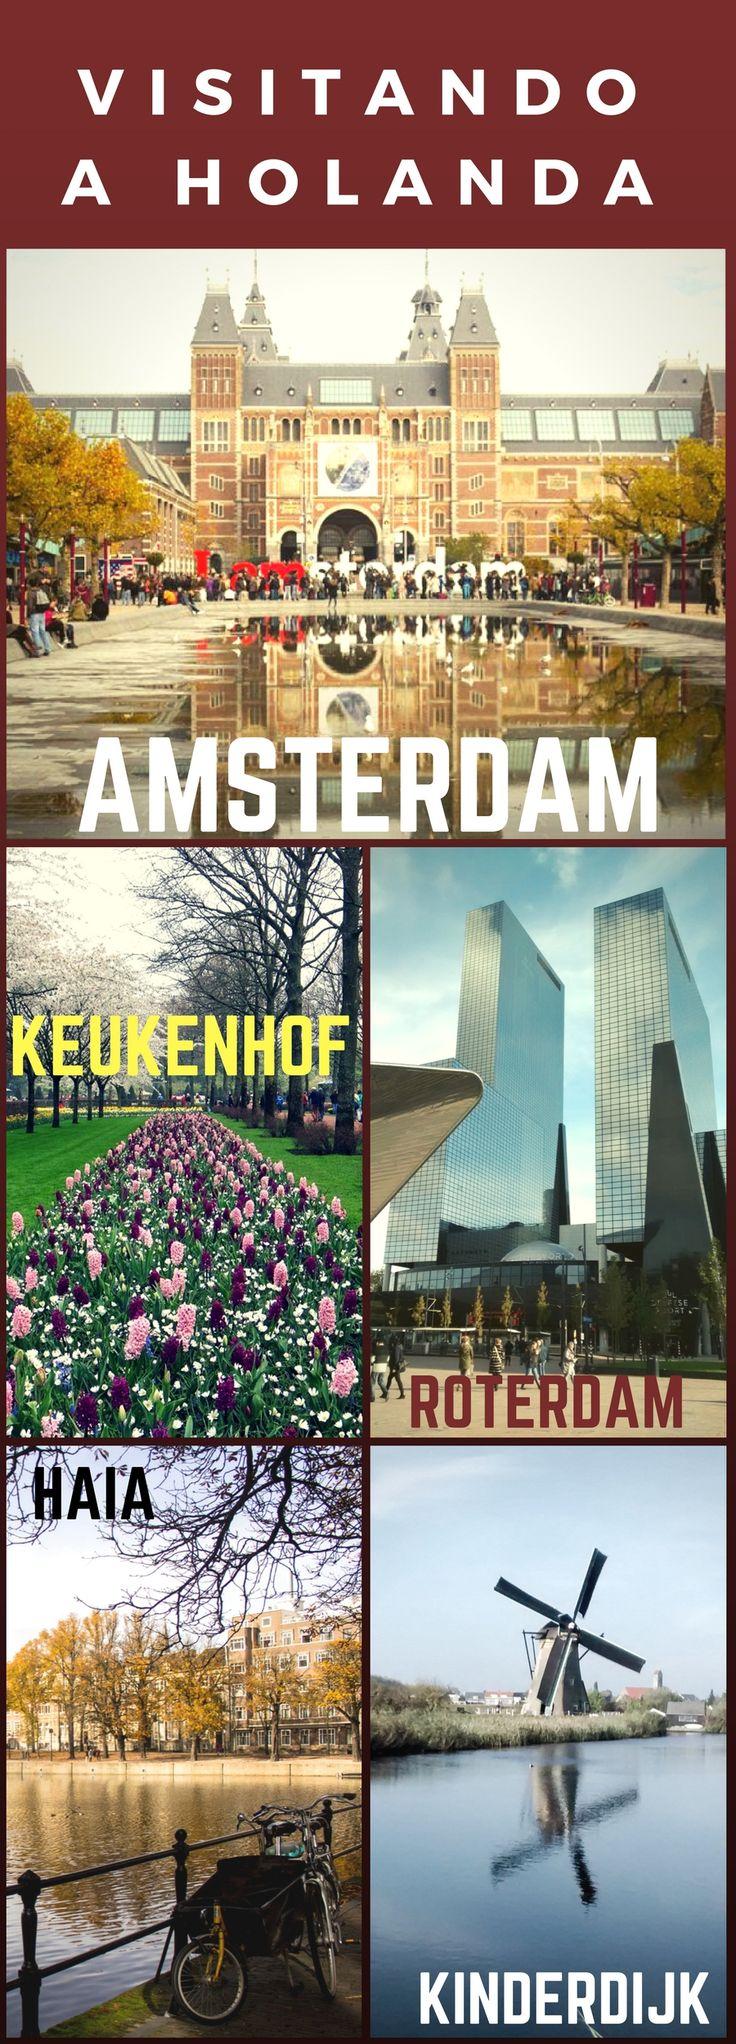 O que fazer e onde ficar em Amsterdã, Haia, Kinderdijk e Roterdã, na Holanda. Fizemos um rápido tour de 5 dias com criança.  Bônus: Keukenhof, o jardim das Tulipas